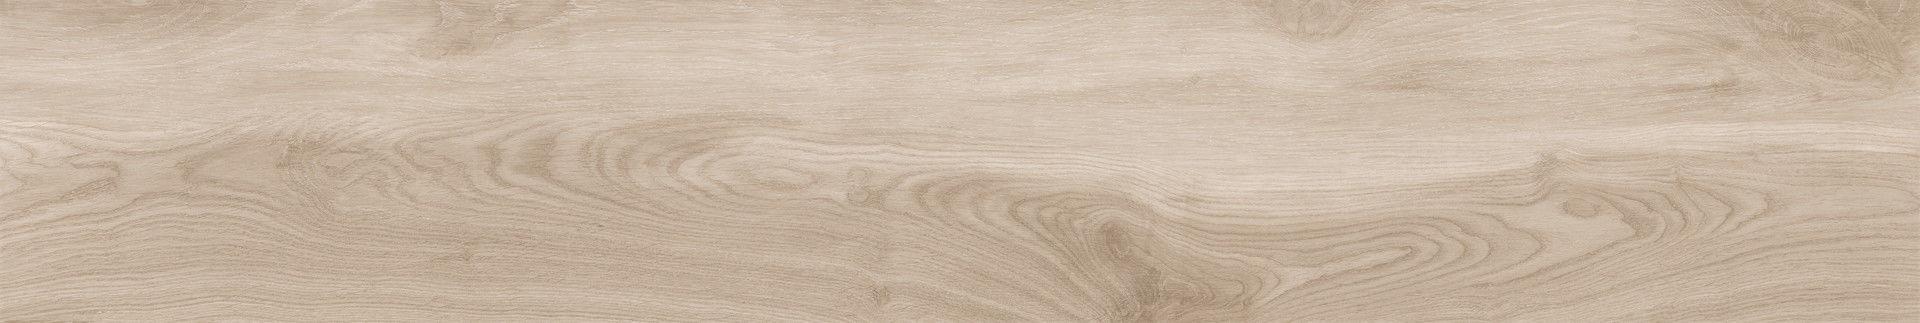 Tau Ceramica Origin Sand 20x120 płytka drewnopodobna